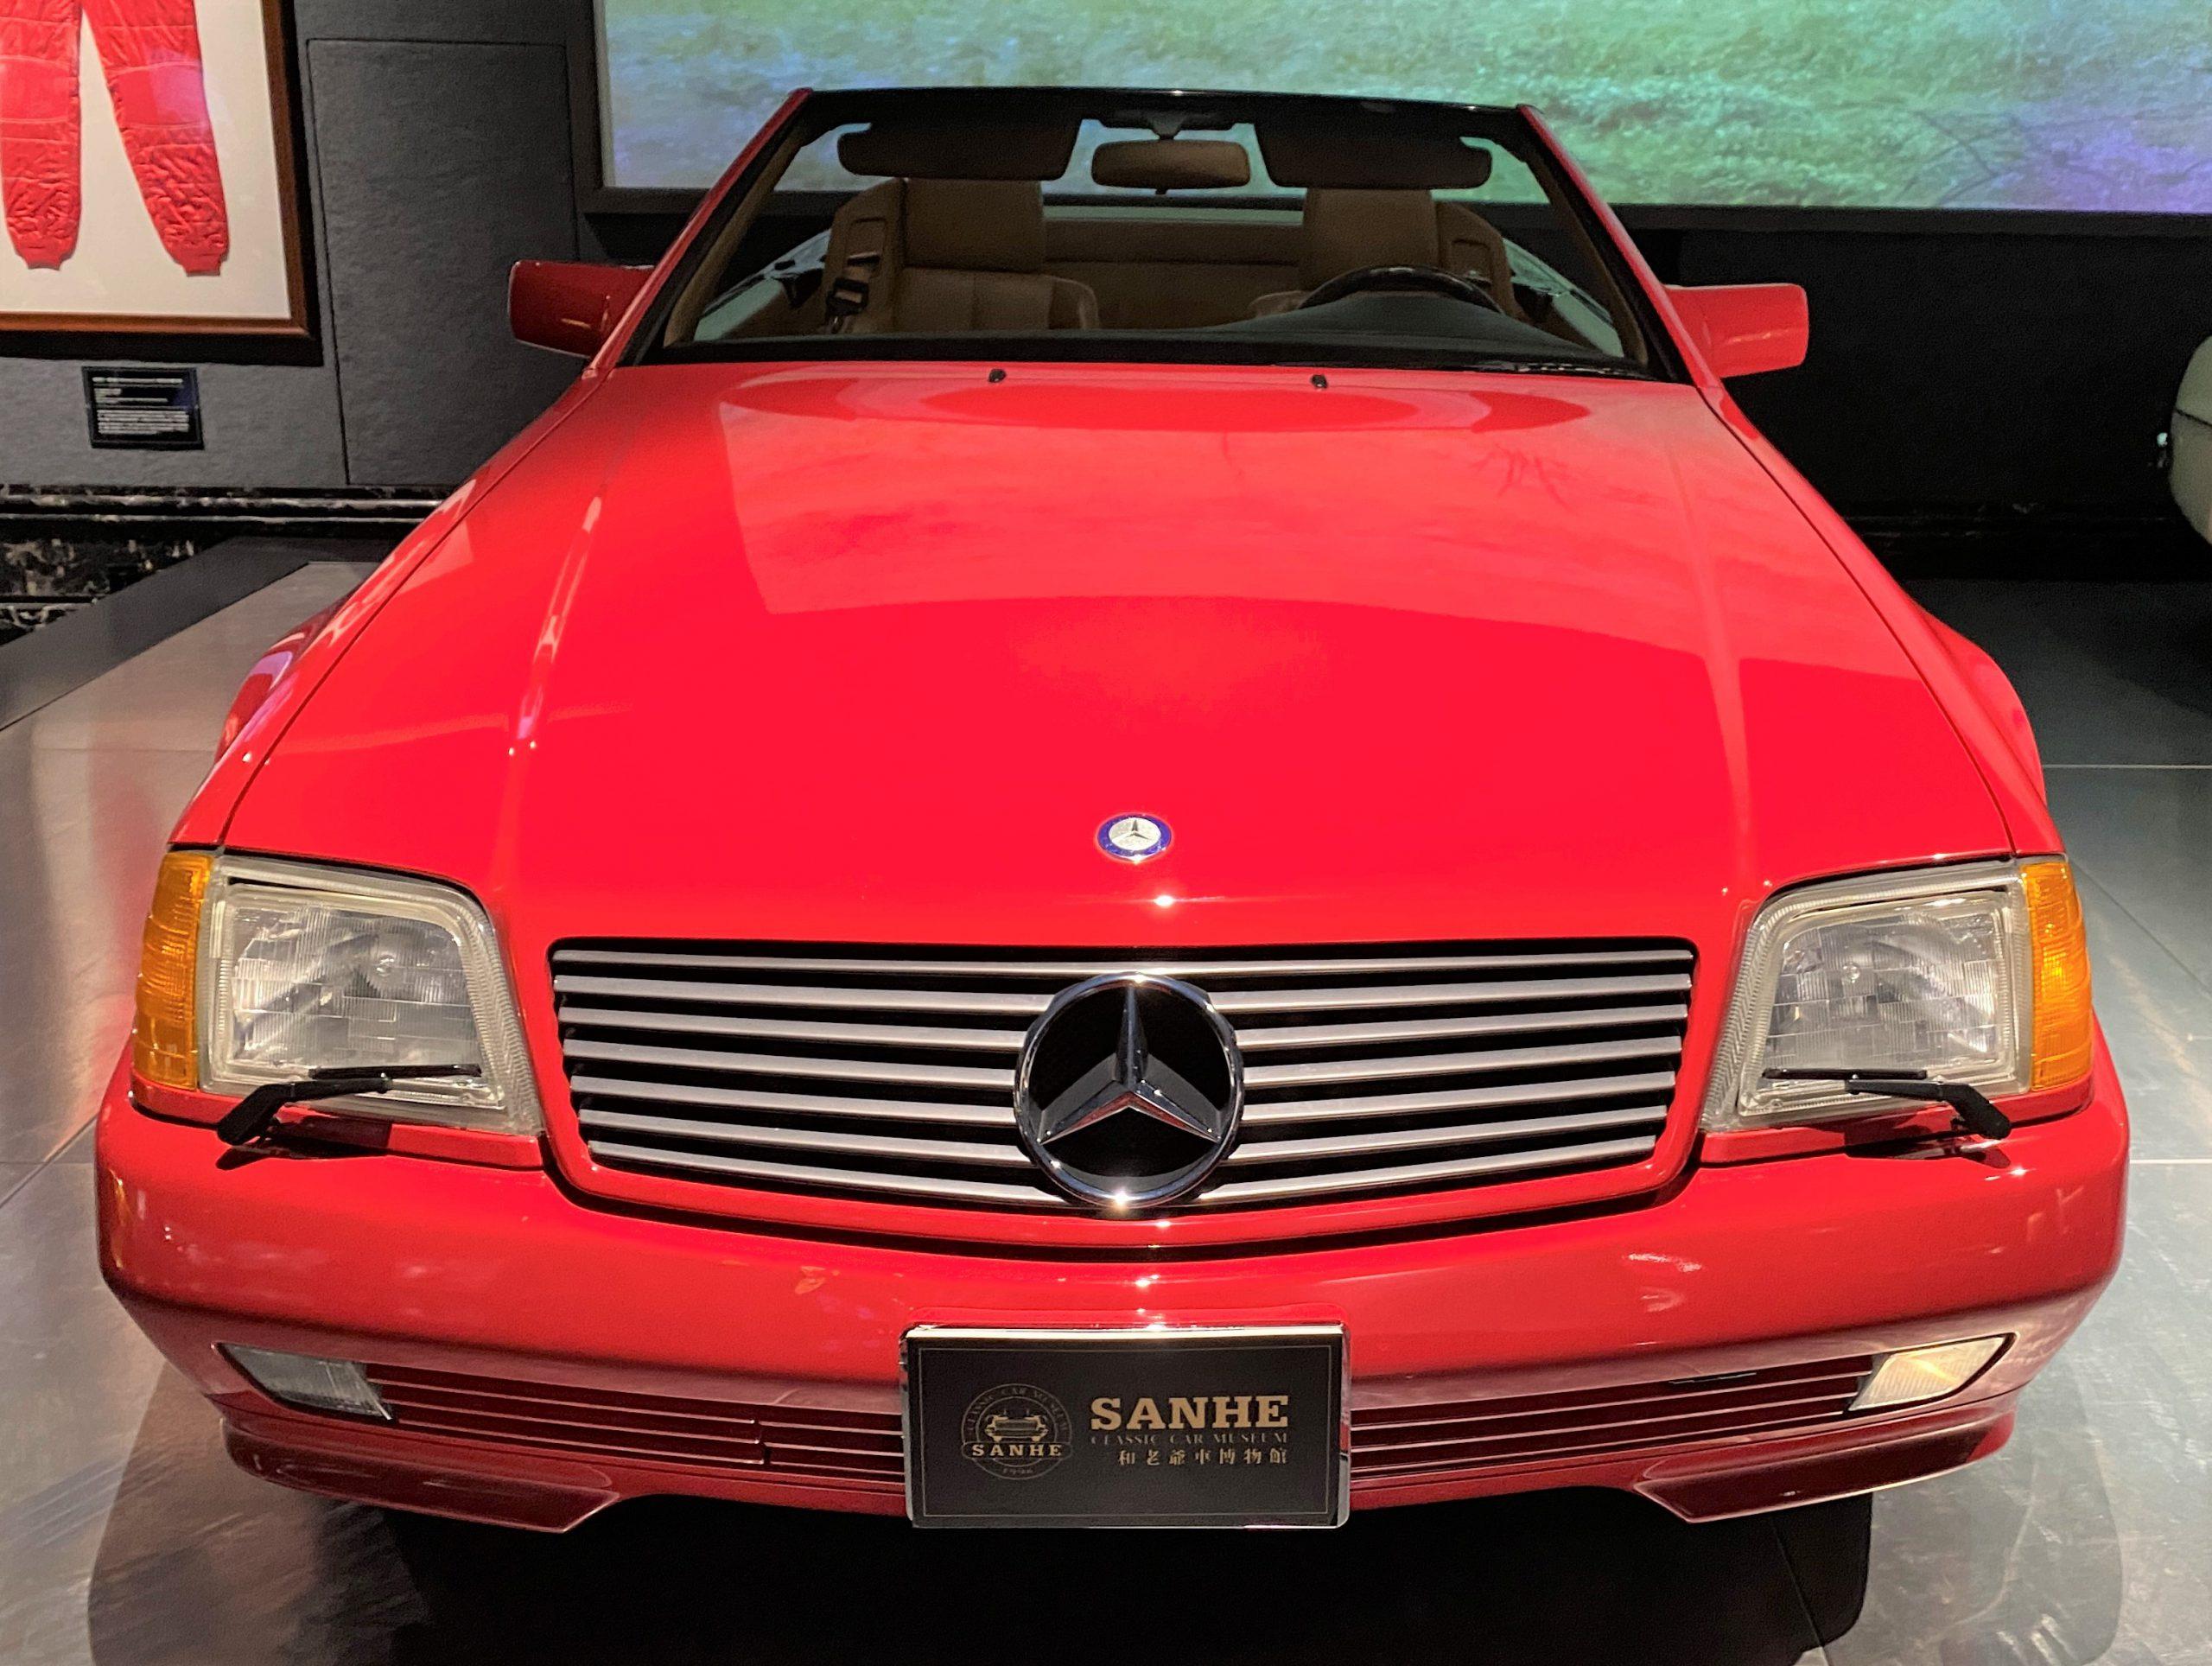 1992年メルセデスベンツ300SL-1992 Mercedes Bens 300SL-常設展-三和老爺車博物館-成都市-四川省